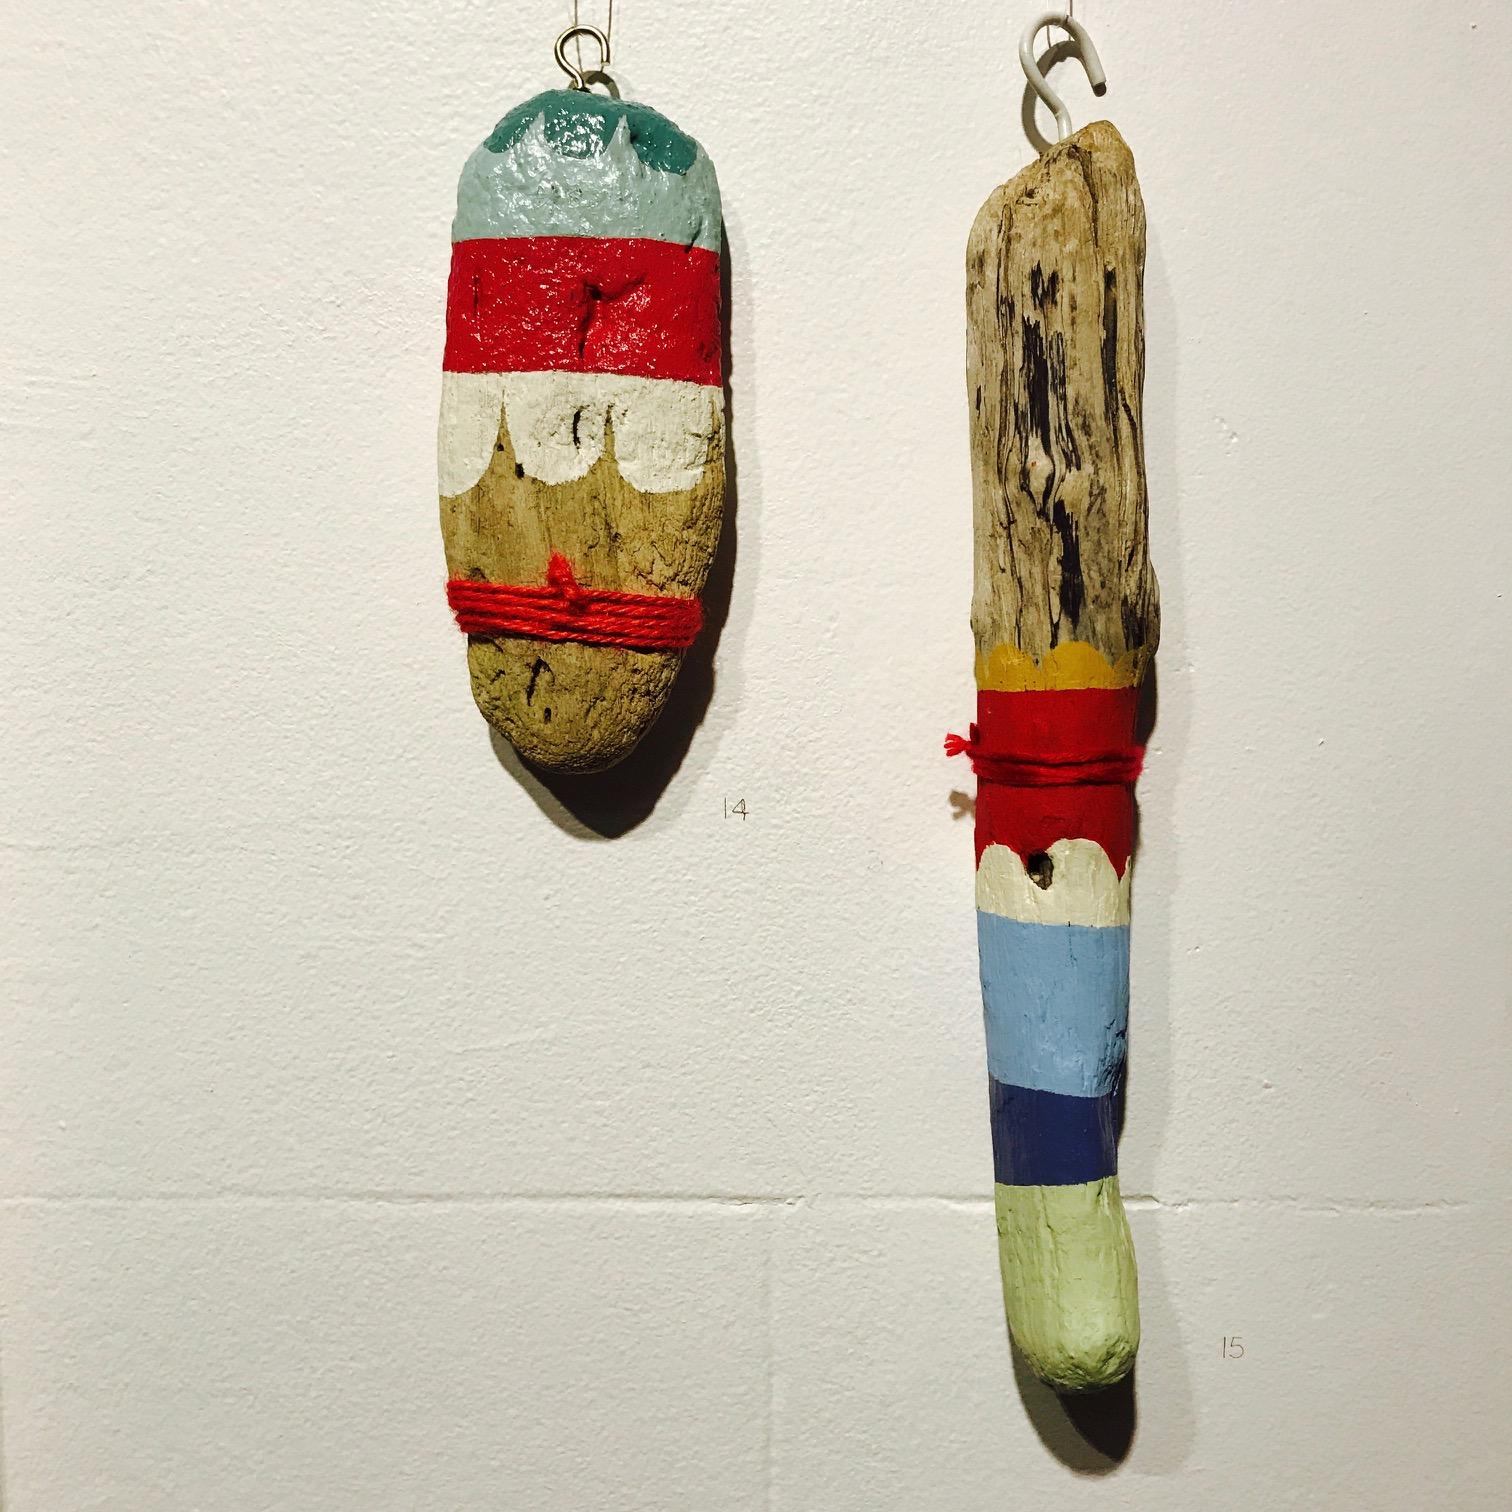 Painted Drift wood, Summer Love Show